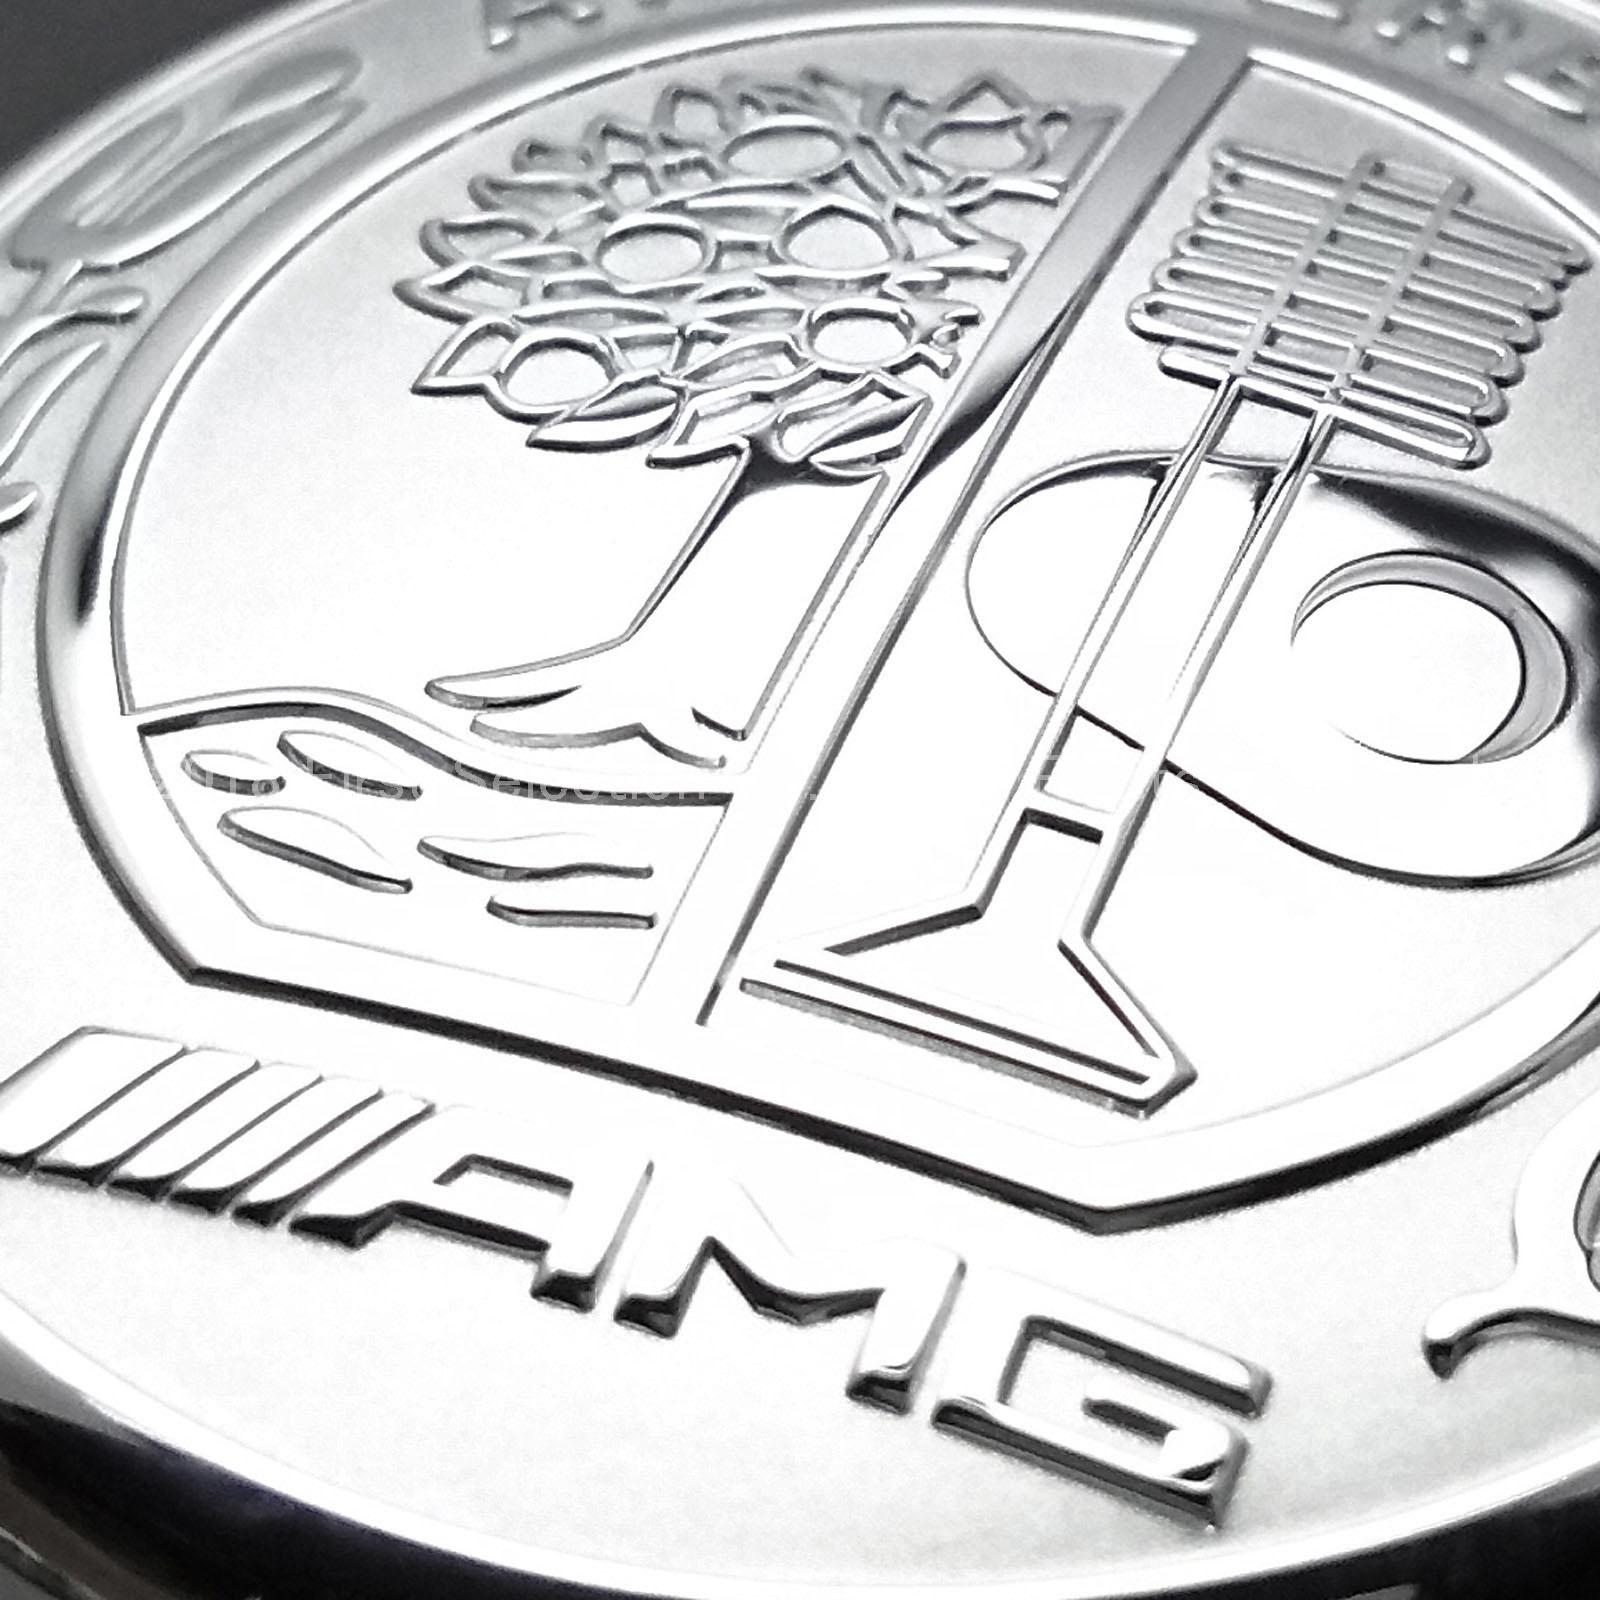 Mercedes-Benz ベンツ用 AMG銀ロゴ エンジンスターターカバー W176 W205 S205 C205 C117 X156 X253 C253